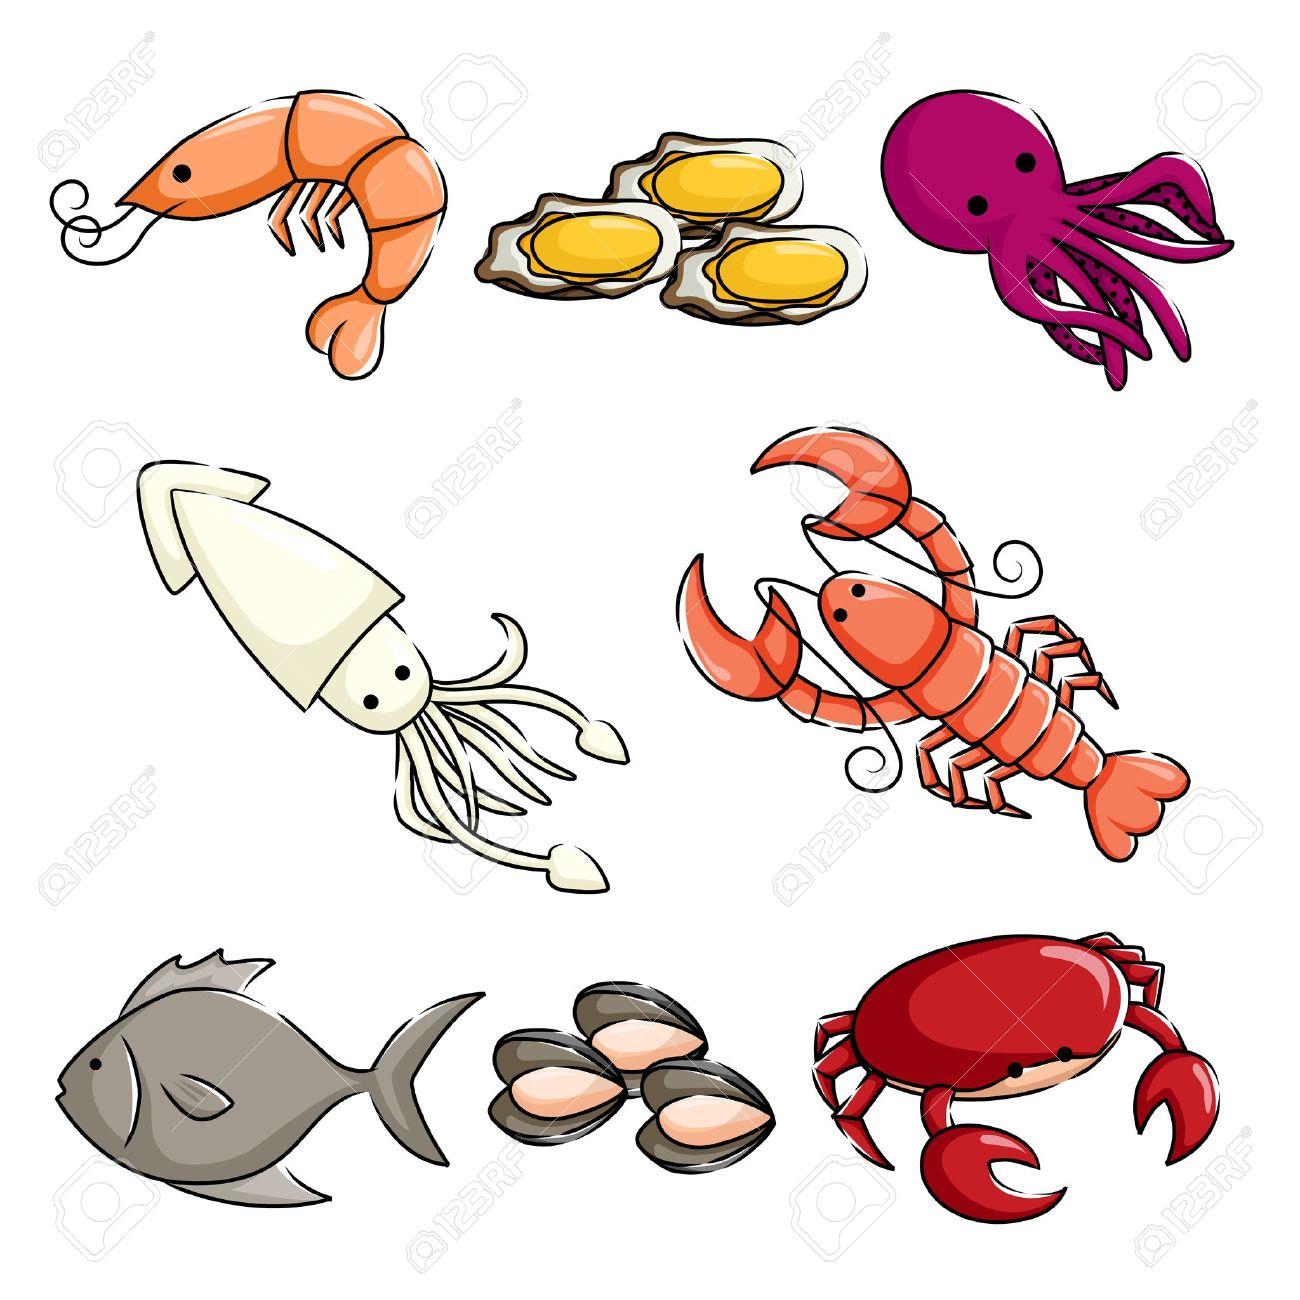 1300x1300 Squid clipart ocean animal